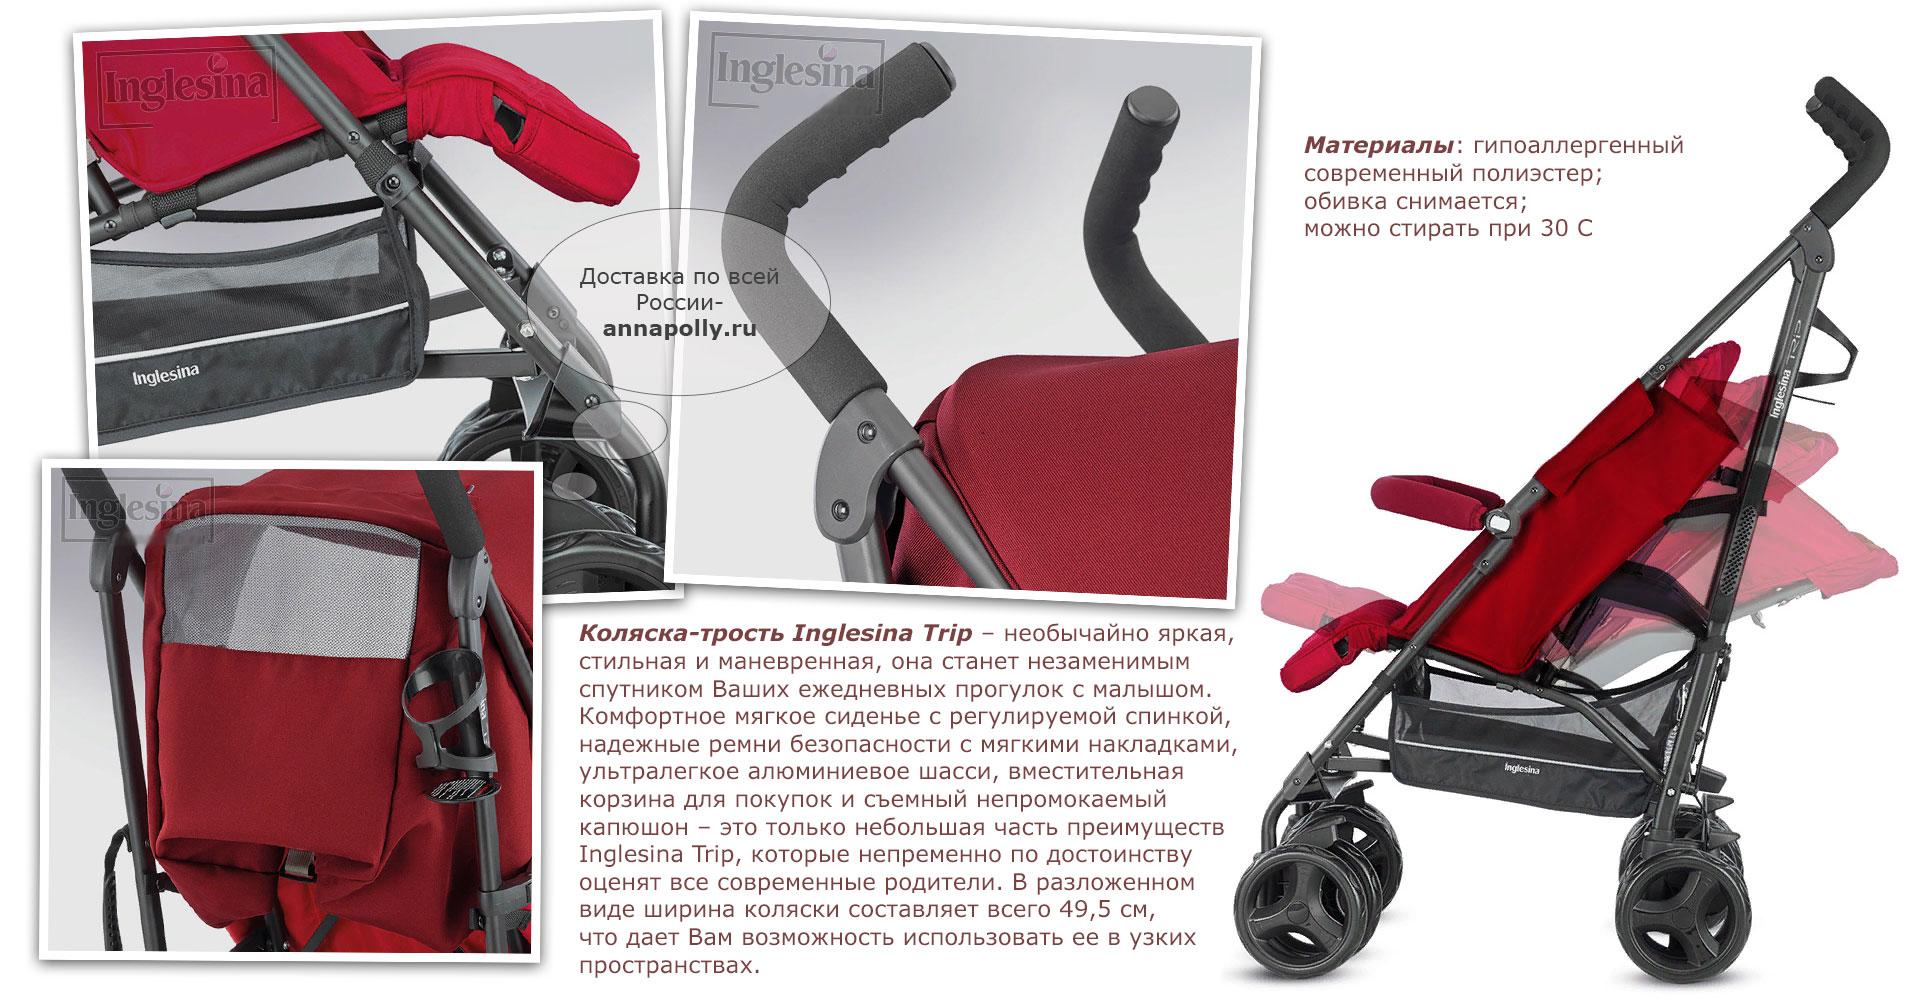 a2ff65cd55d0 Inglesina Trip коляска трость - купить в интернет-магазине Annapolly ...